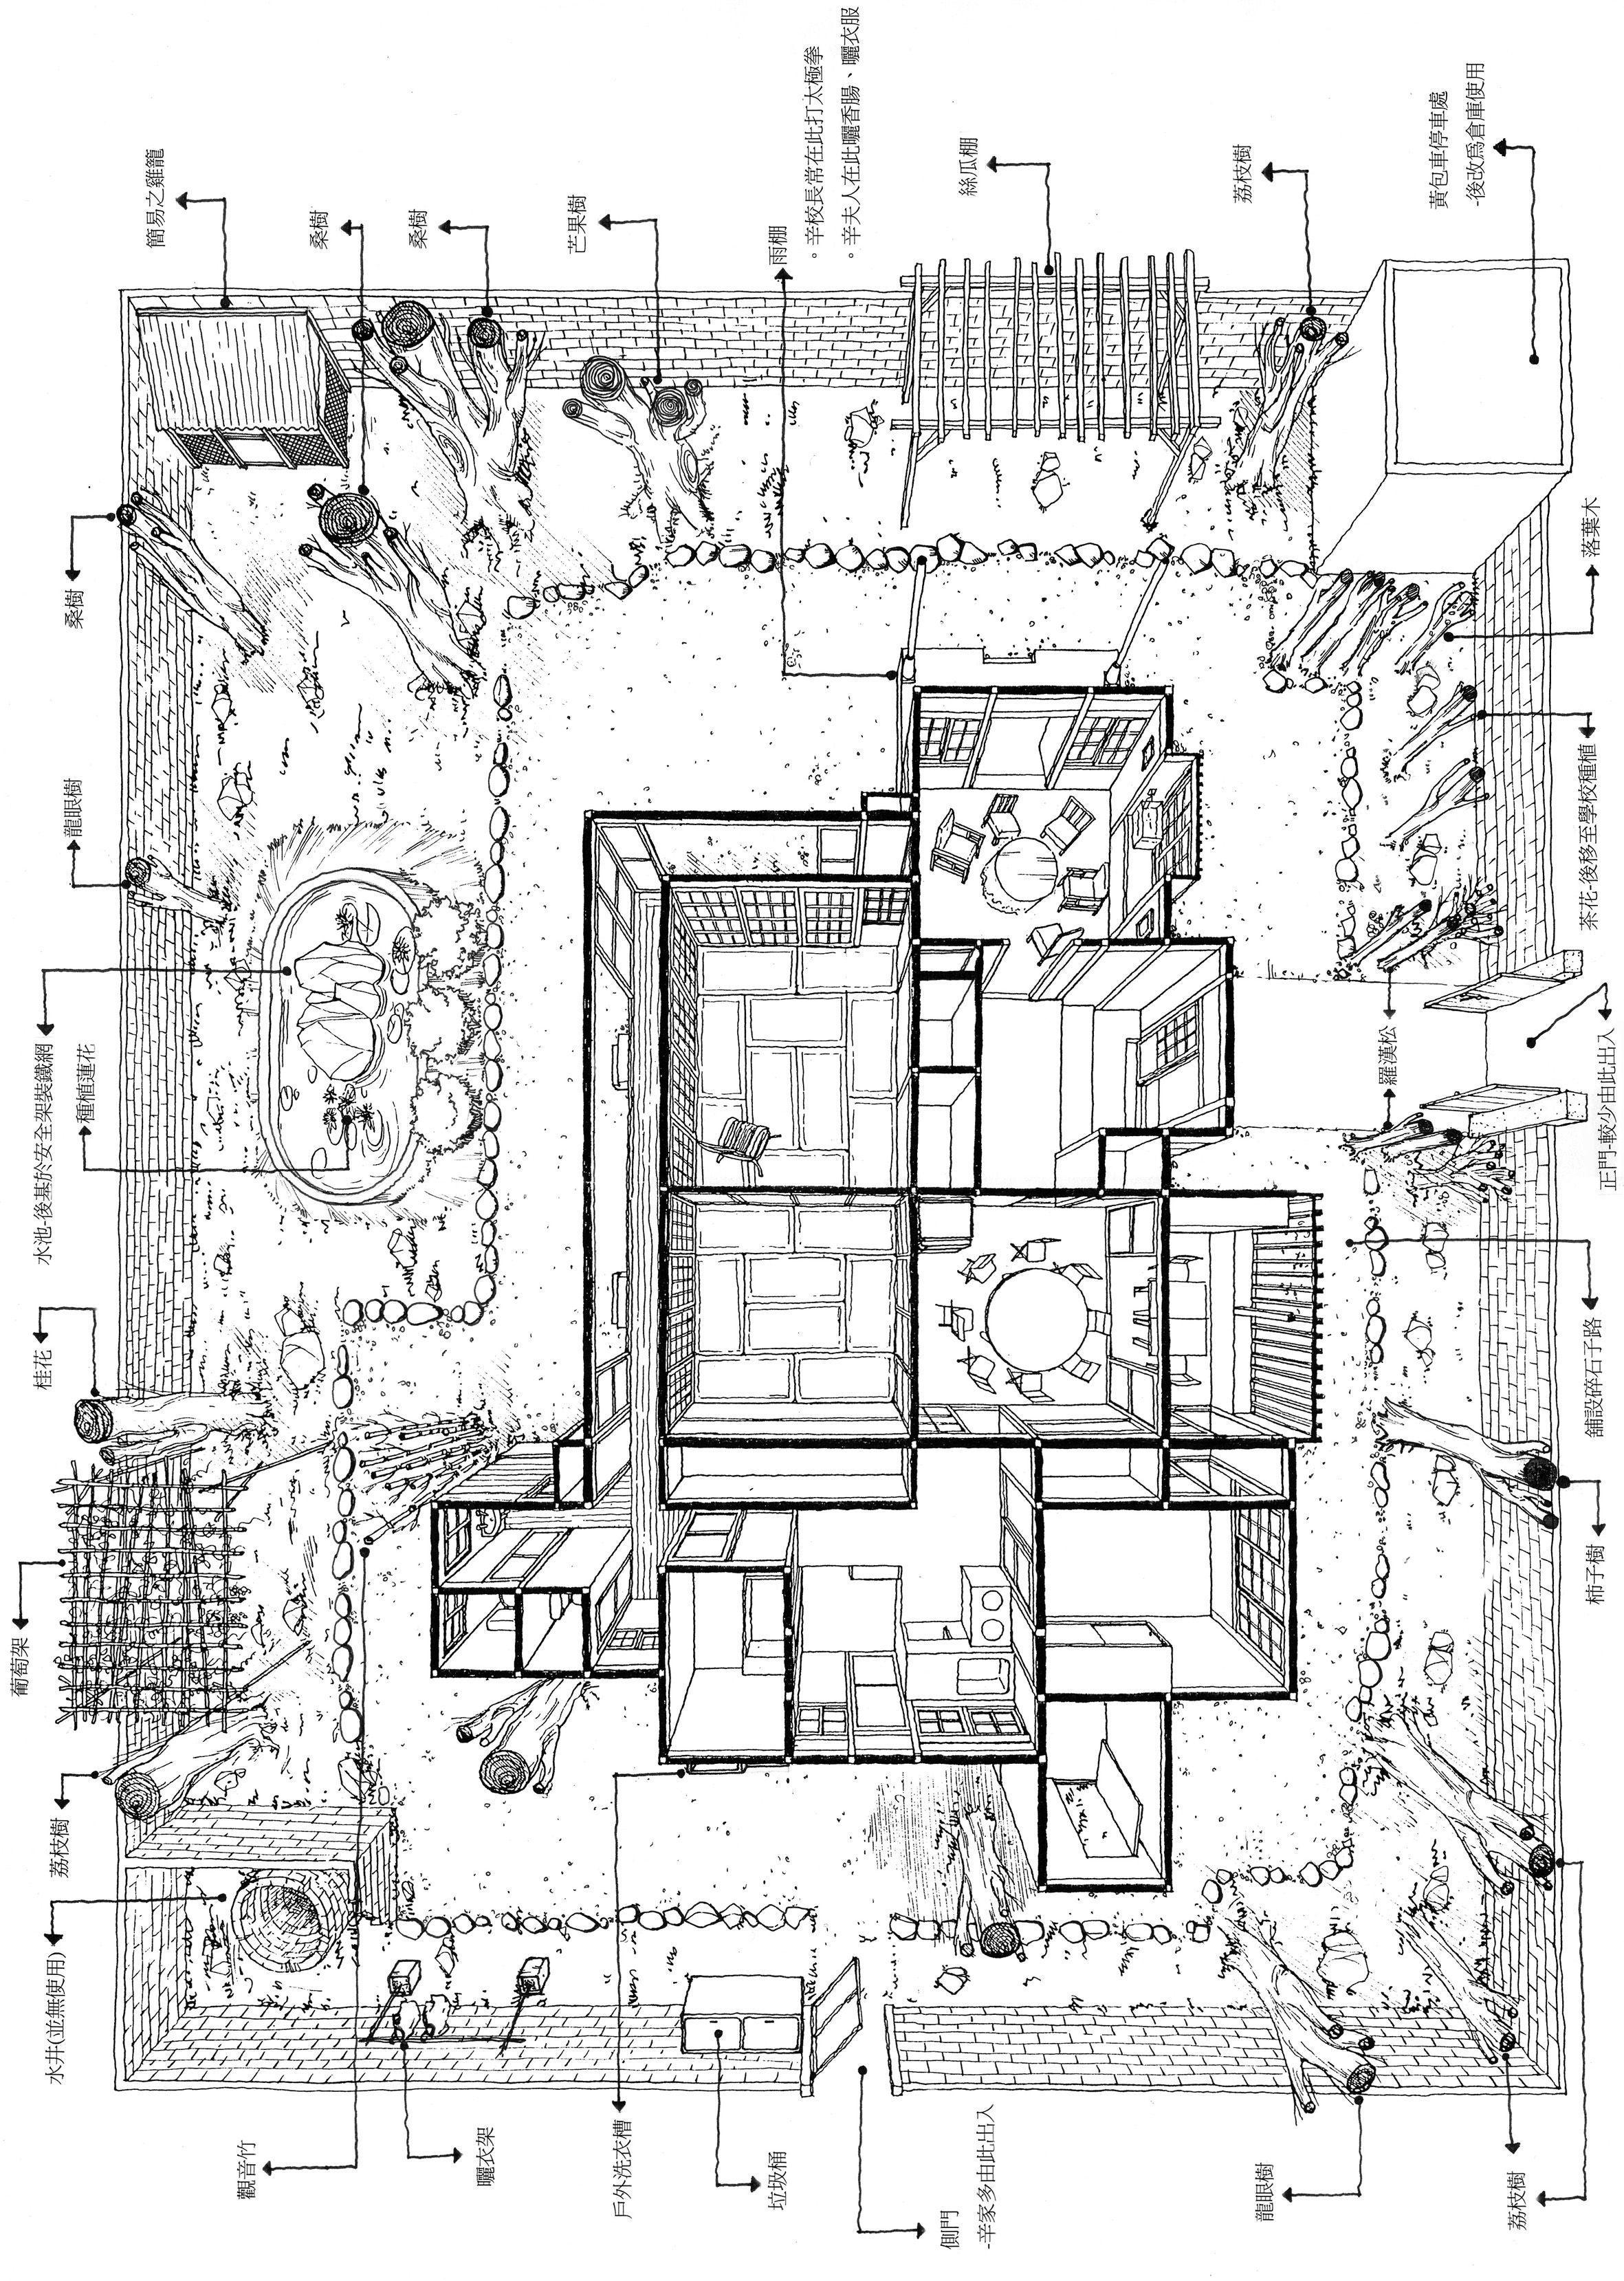 Plan Maison Traditionnelle Japonaise ecohouseillustration | architecture japonaise